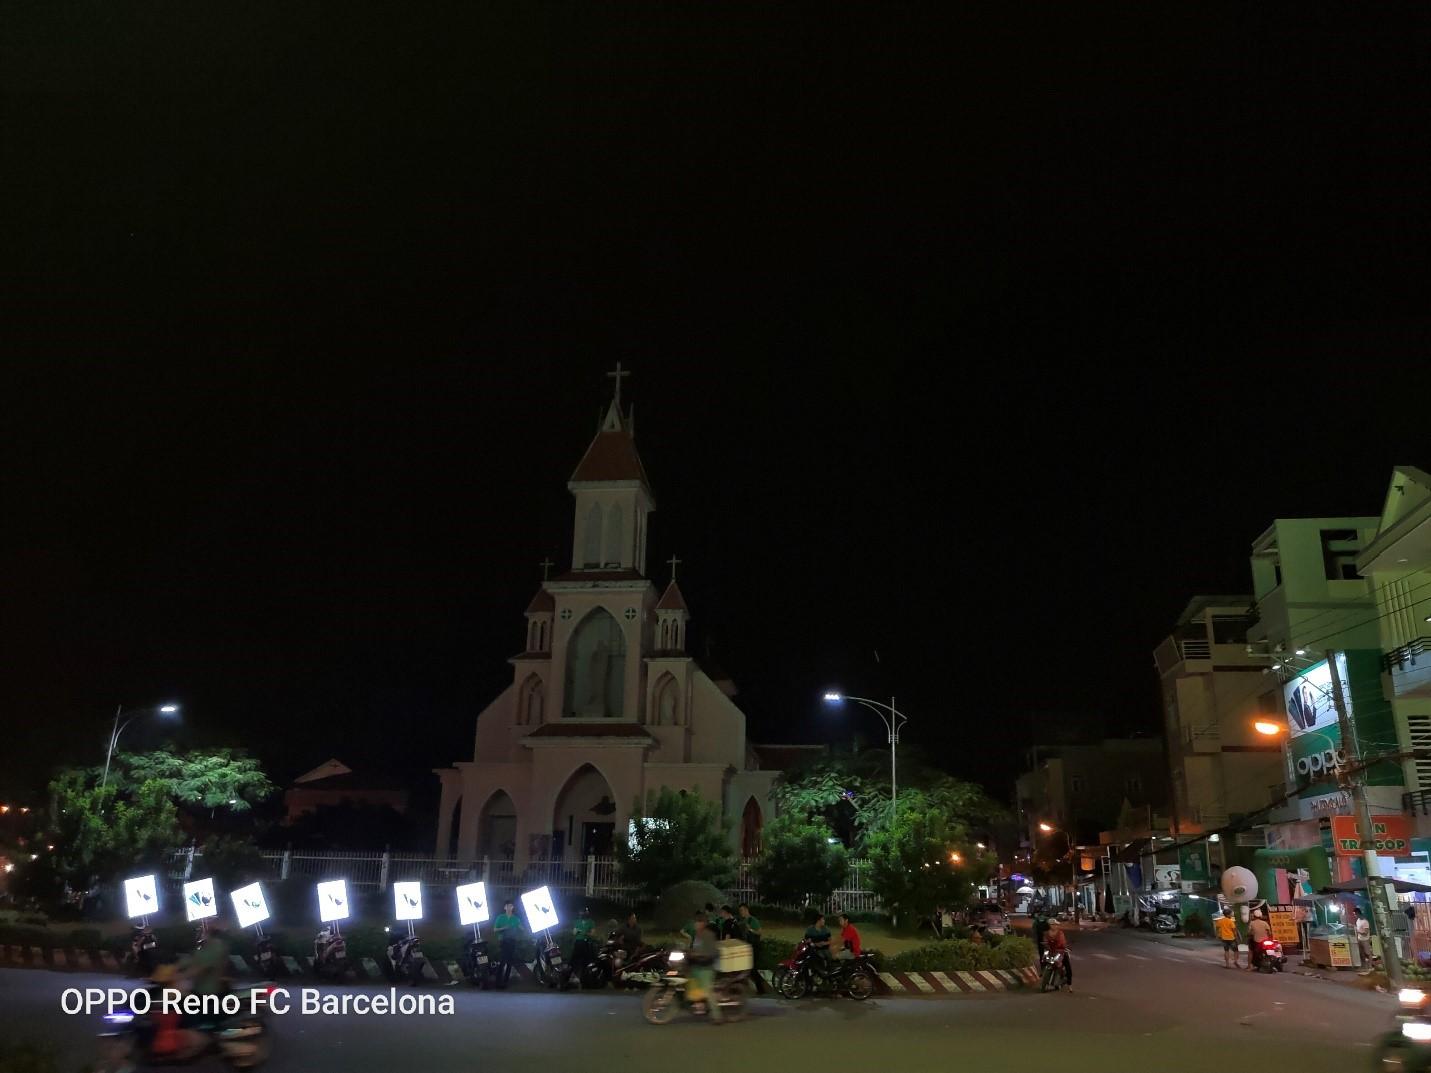 """""""Hiện tượng lạ"""" những ngày qua xuất hiện vào ban đêm tại TP Cần Thơ và Hậu Giang mang tên OPPO RENO 2 SERIES"""